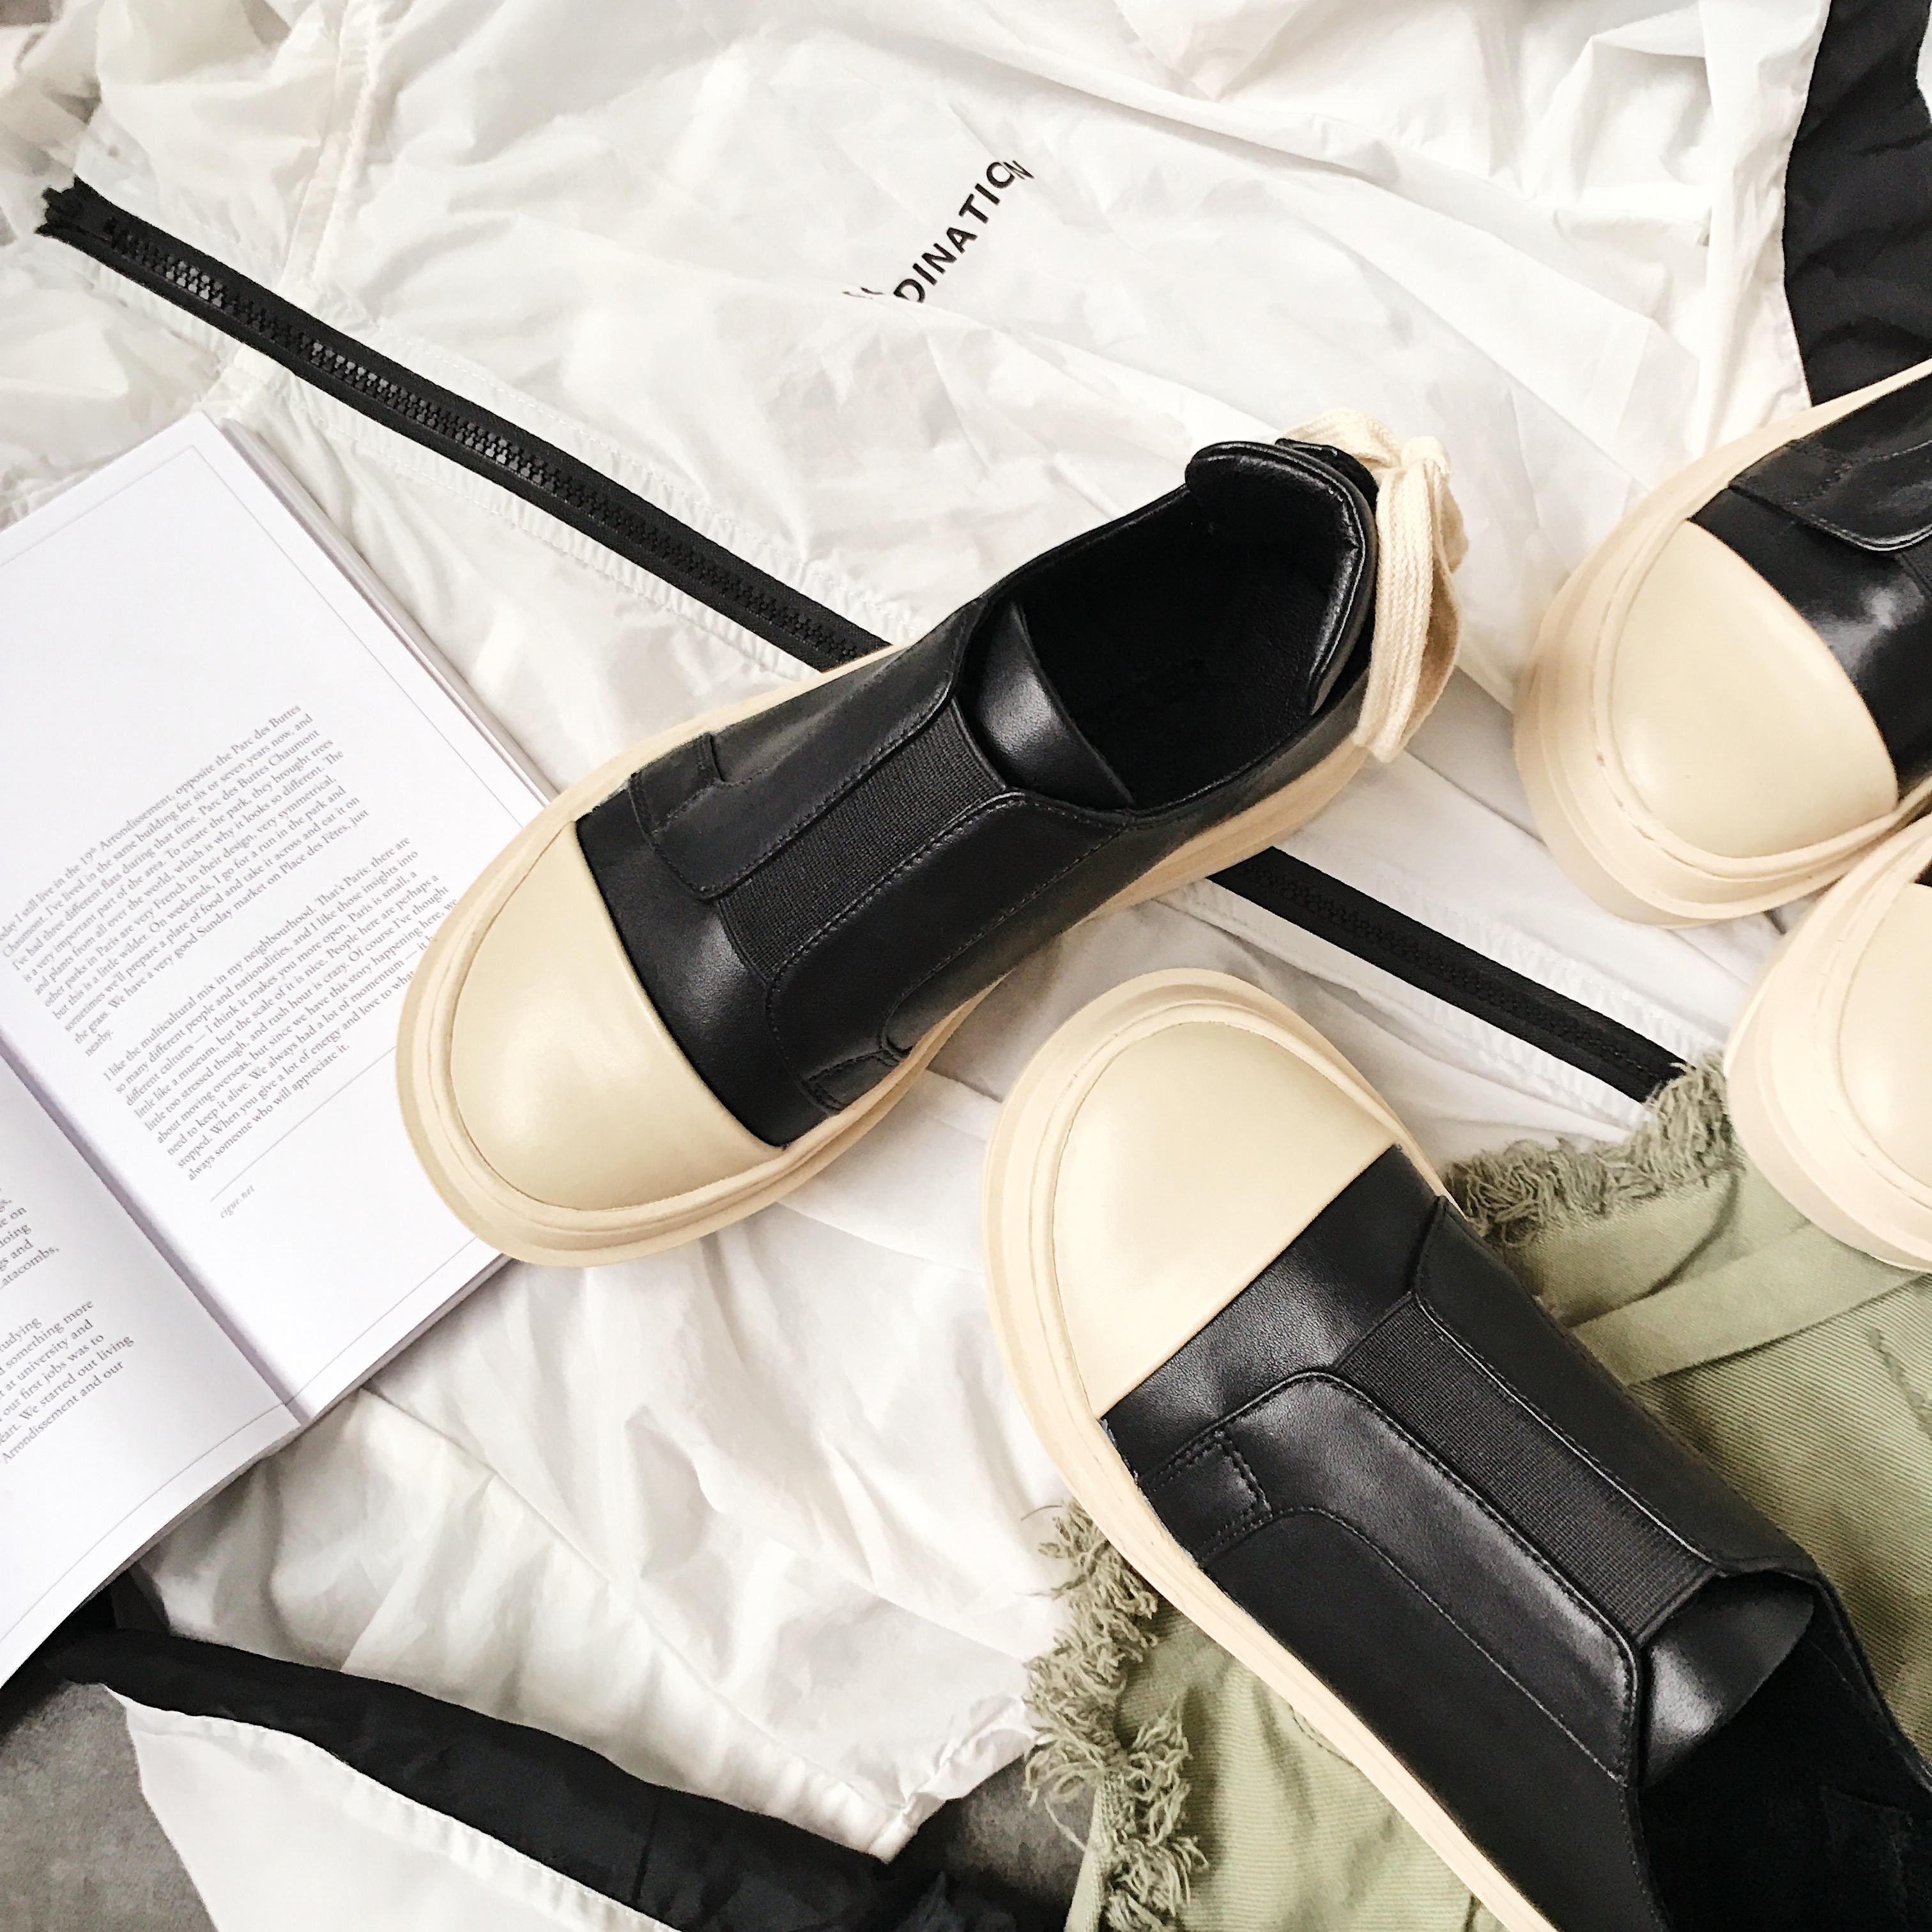 厚底松糕鞋 CHOCKYA厚底贝壳头板鞋套脚松糕单鞋女运动休闲学生鞋霍比特人鞋_推荐淘宝好看的女厚底松糕鞋